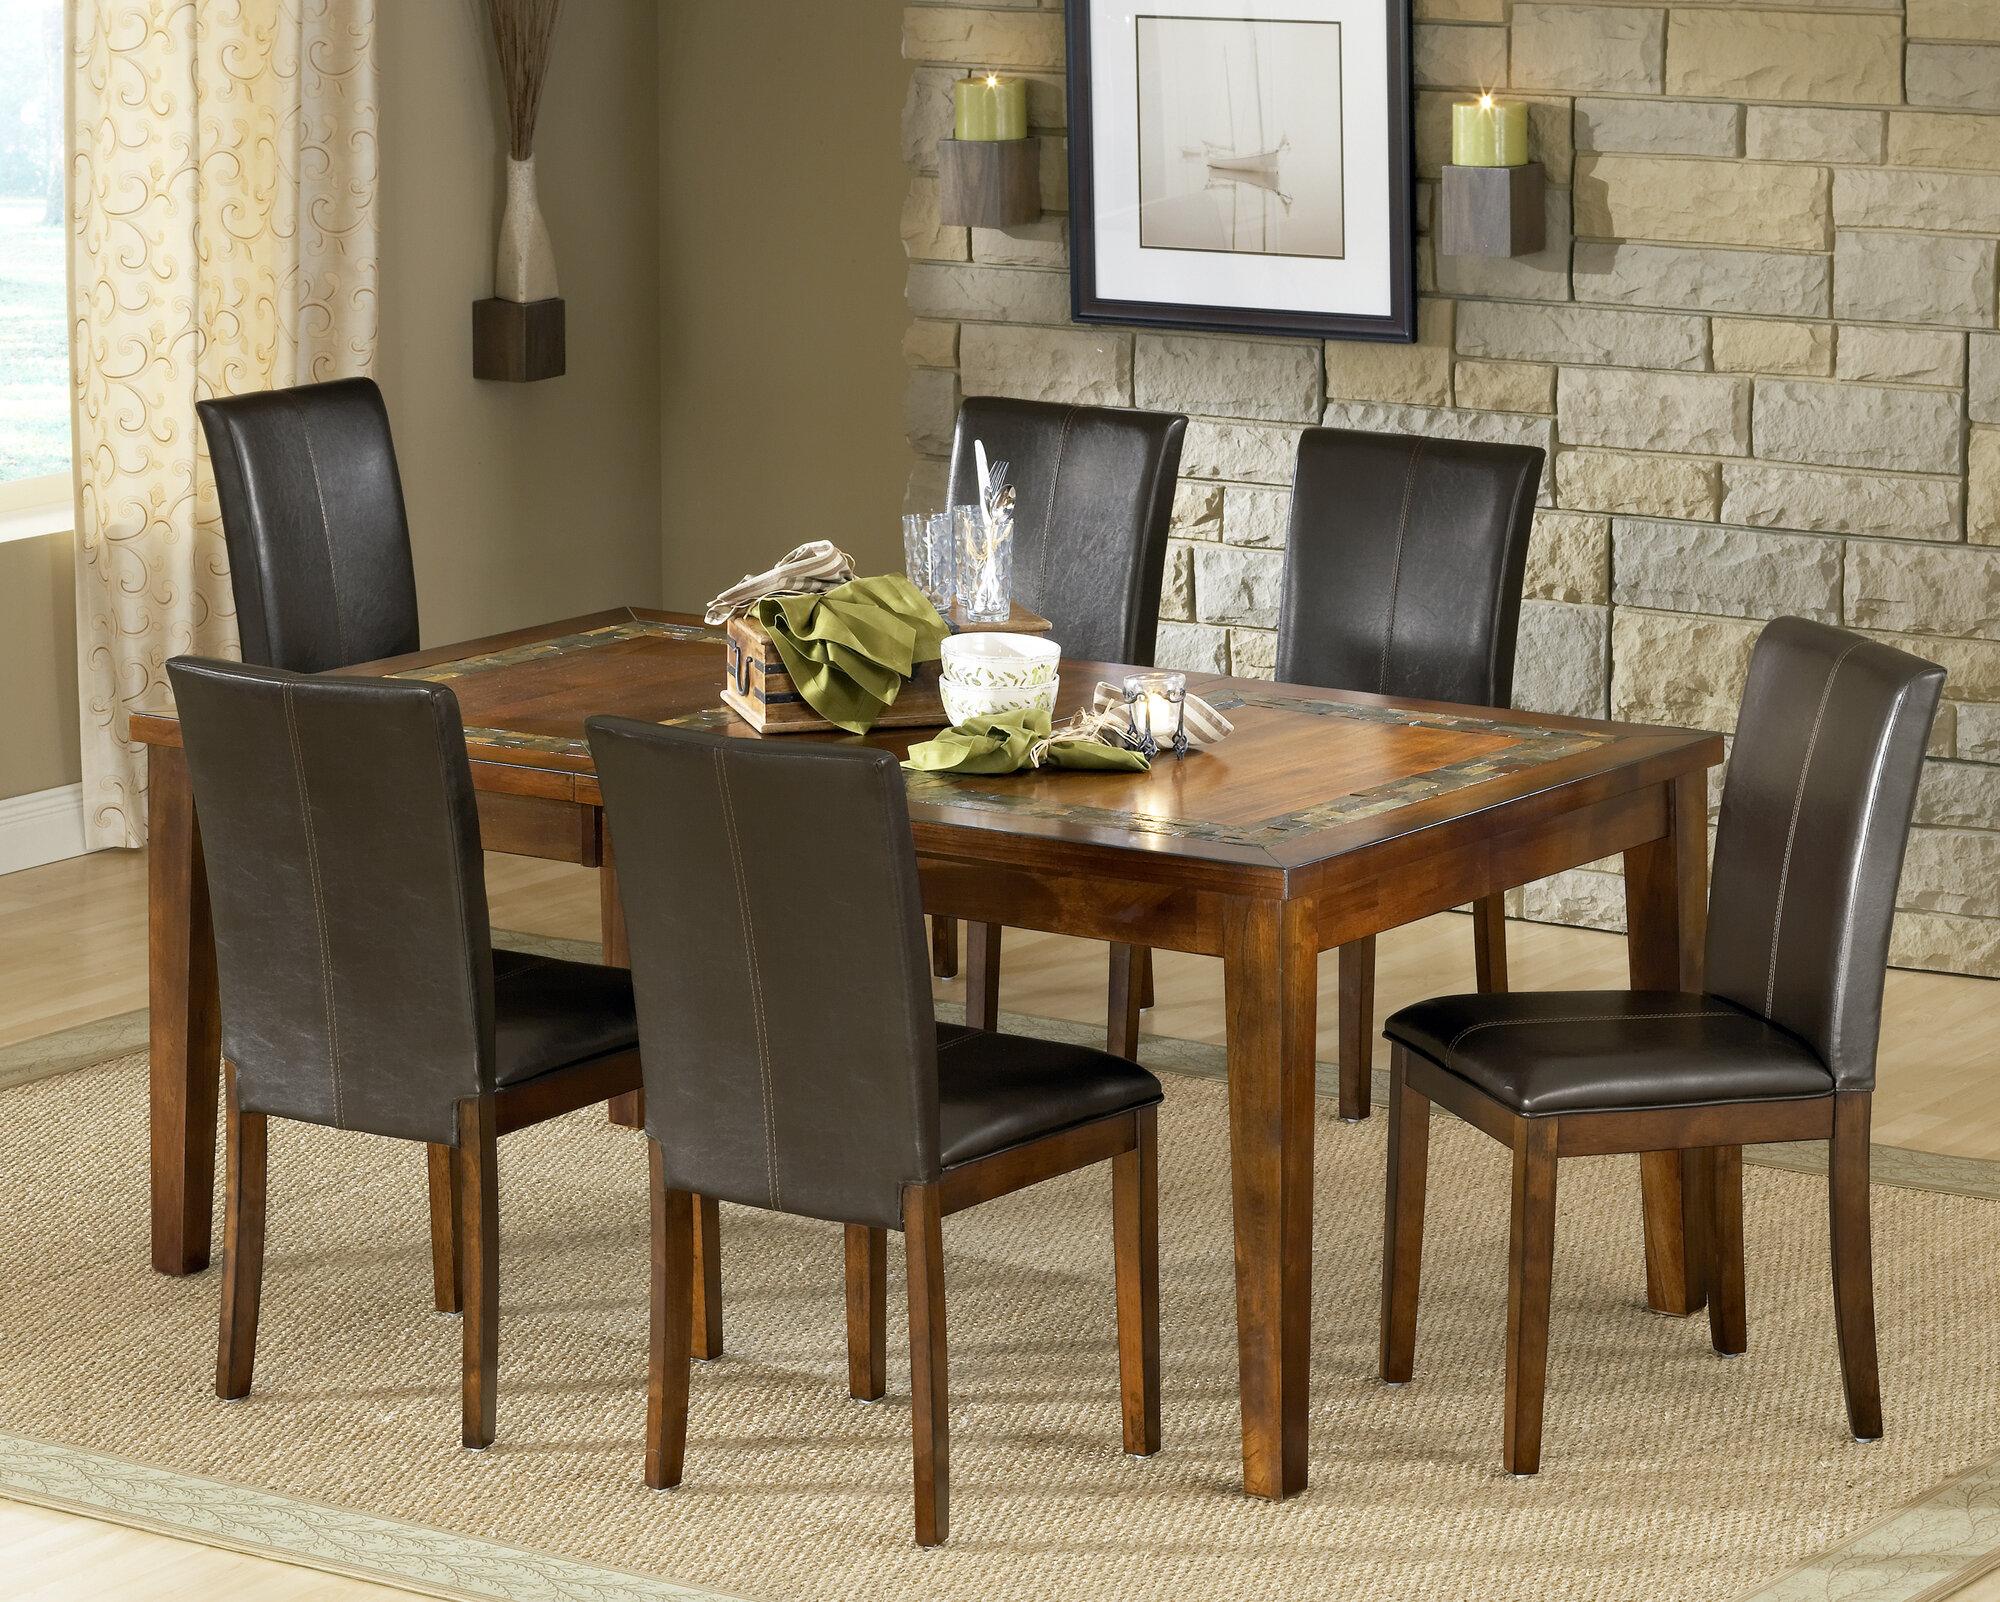 steve silver furniture davenport dining table ebay. Black Bedroom Furniture Sets. Home Design Ideas